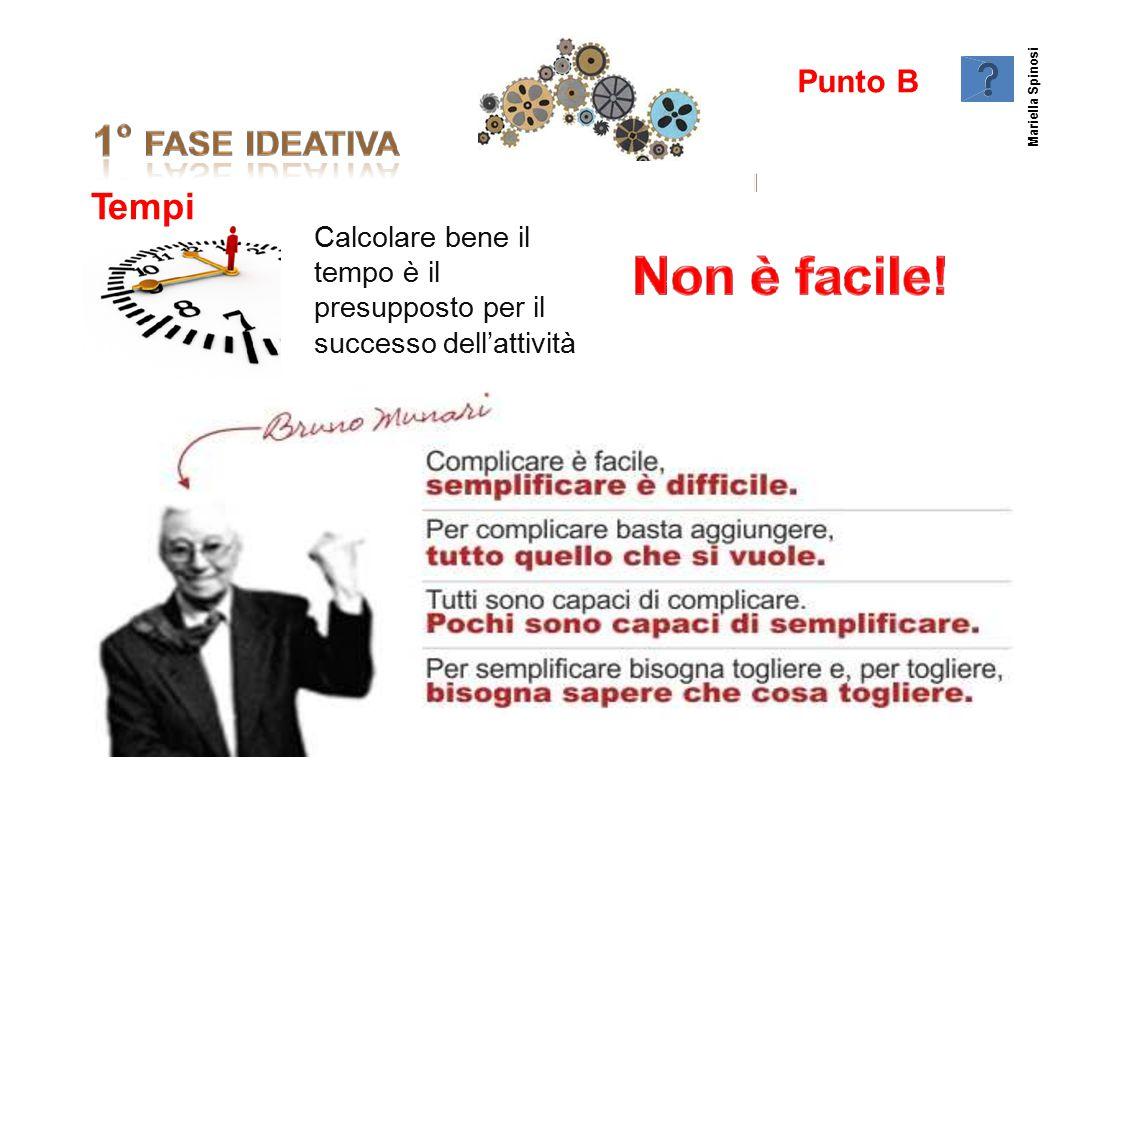 2323 PuntoB TempiTempi Calcolare bene il tempo è il presupposto per il successo dell'attività Mariella Spinosi